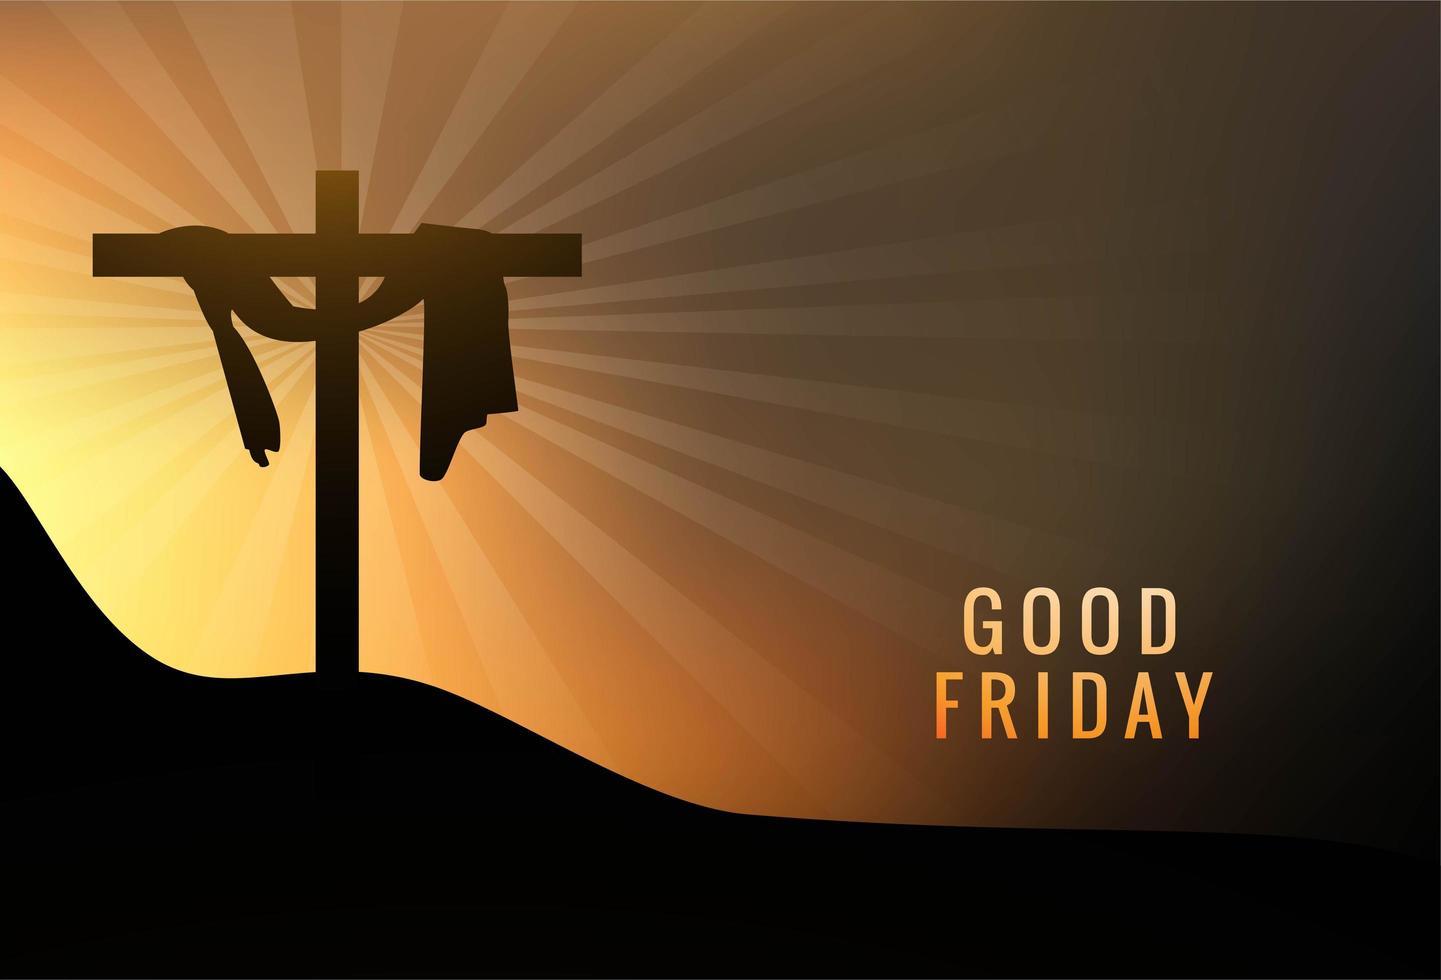 bon vendredi Jésus sur croix sur fond de coucher de soleil vecteur